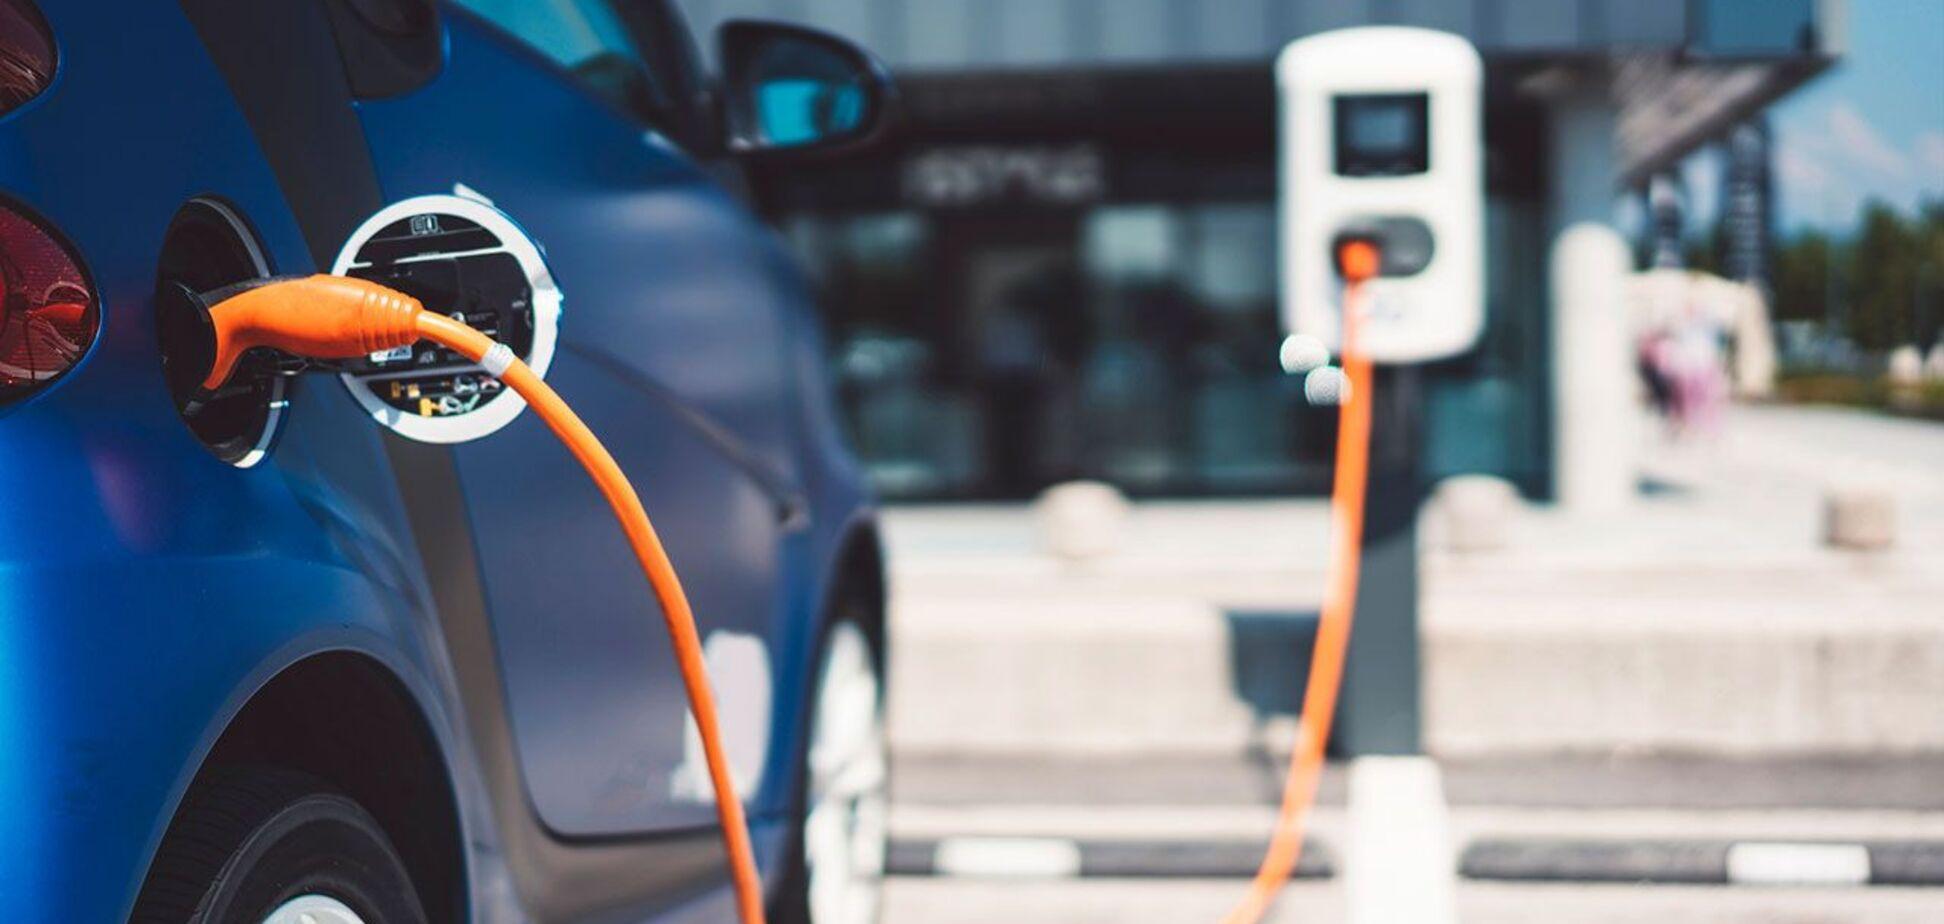 Путешествовать на электрокаре в Европе оказалось в три раза дороже, чем на дизельном авто